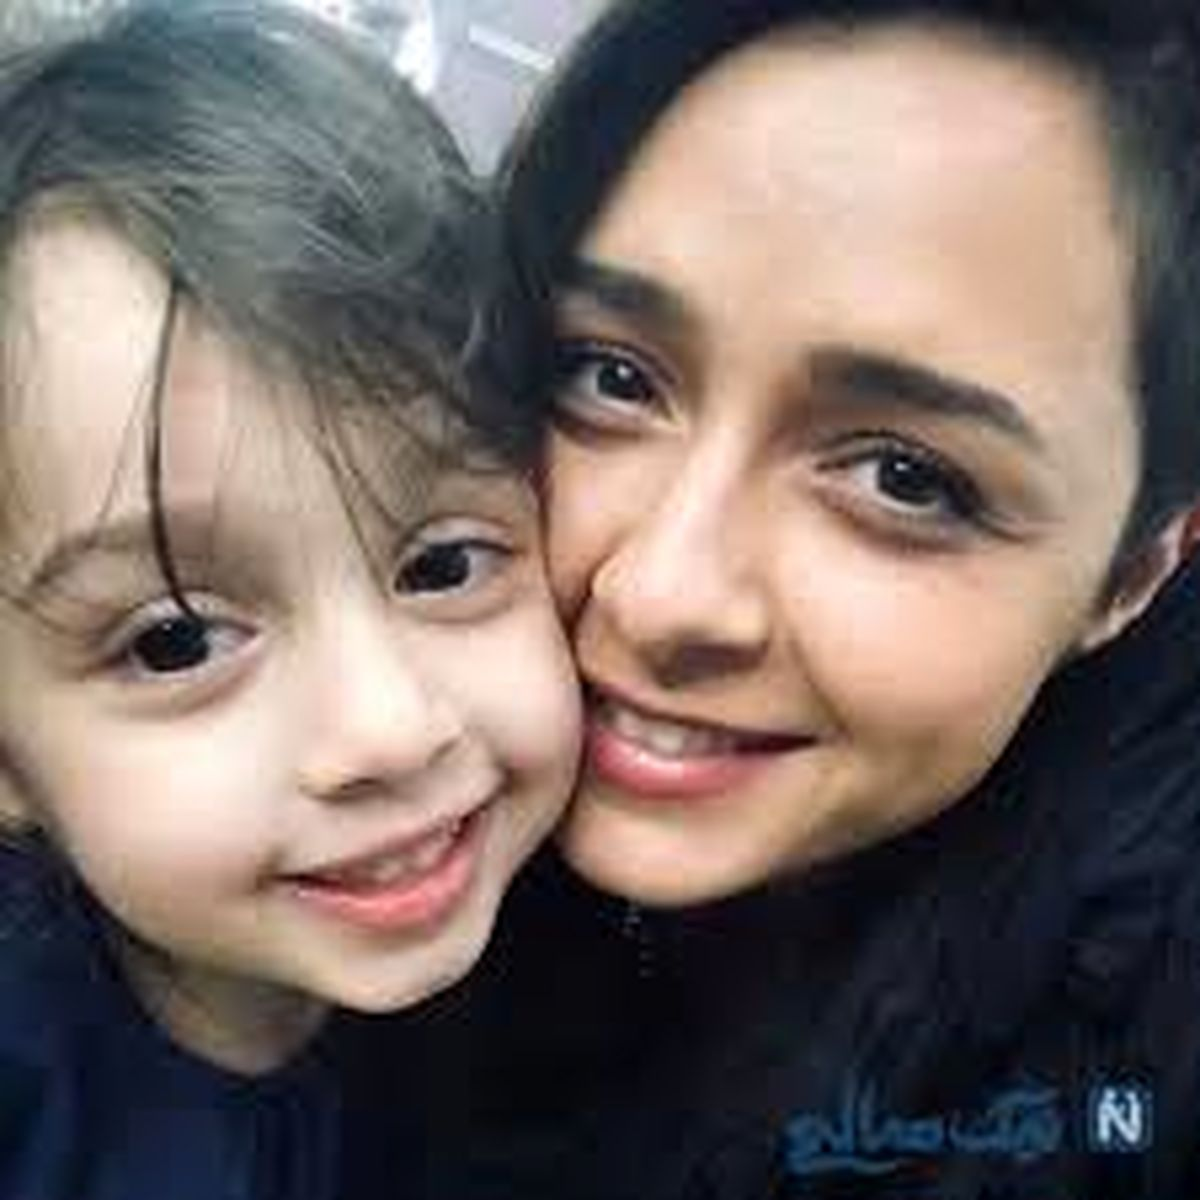 علت دادگاهی شدن ترانه علیدوستی فاش شد + عکس